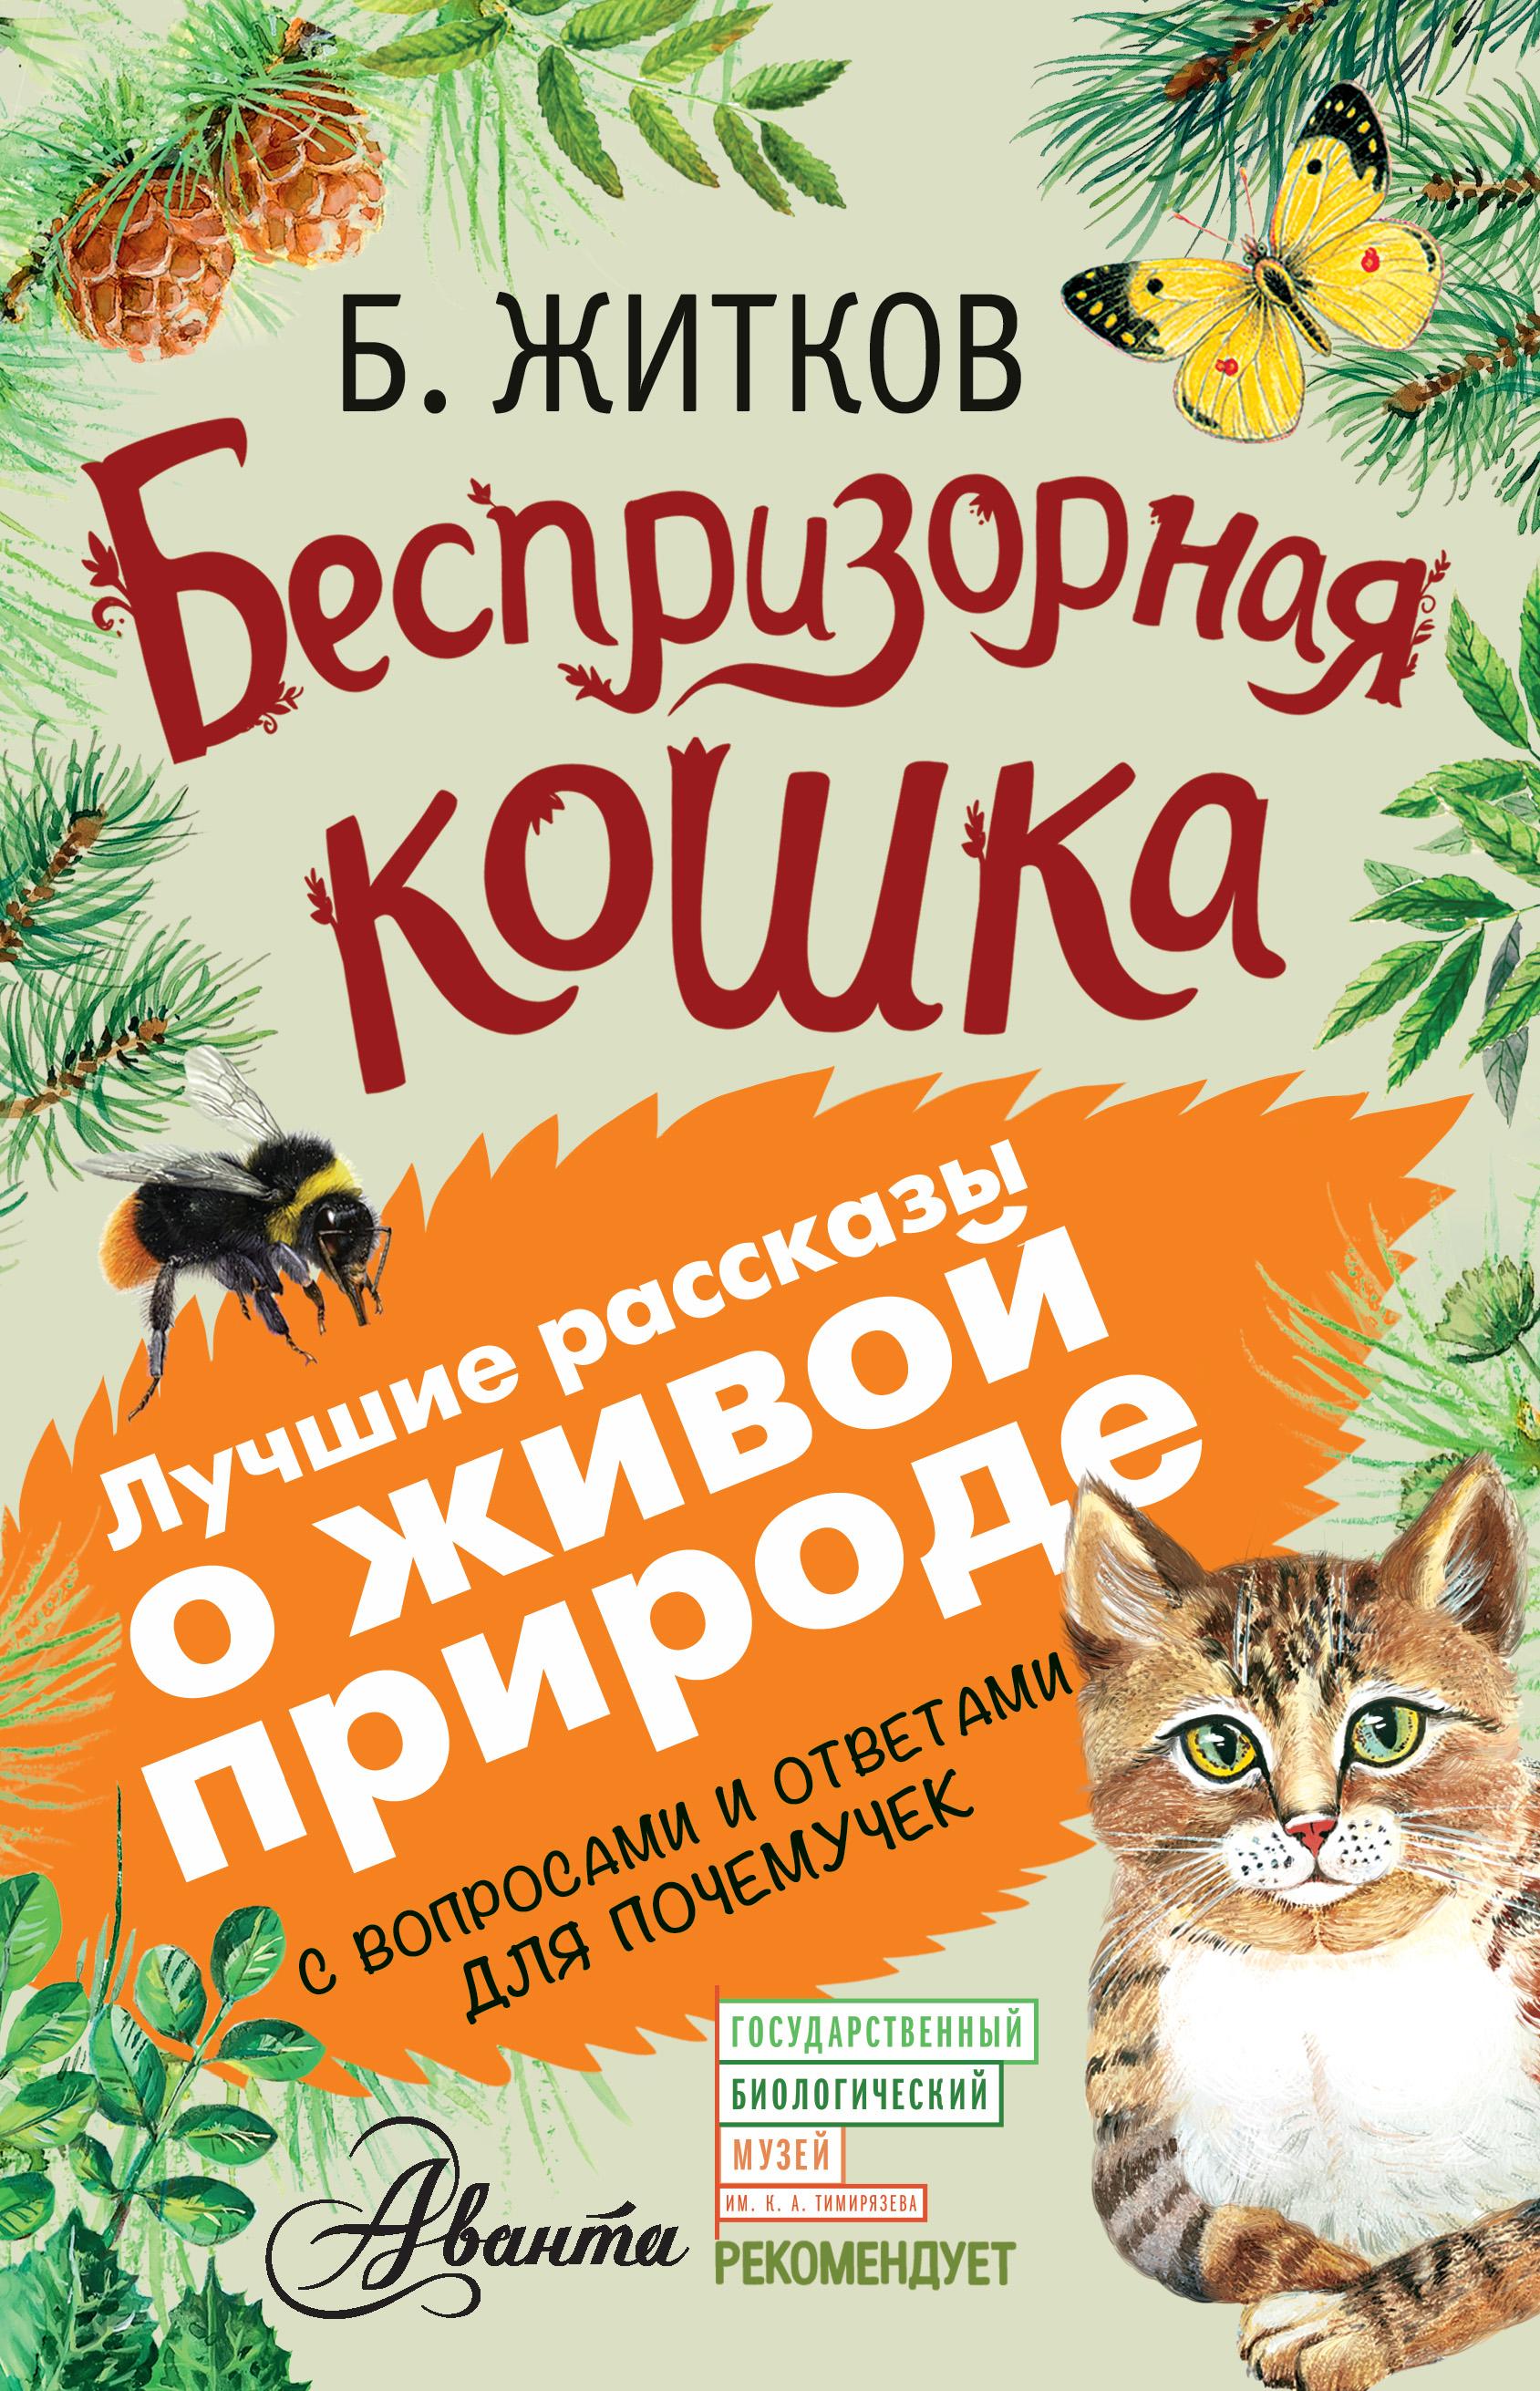 Борис Житков Беспризорная кошка (сборник). С вопросами и ответами для почемучек